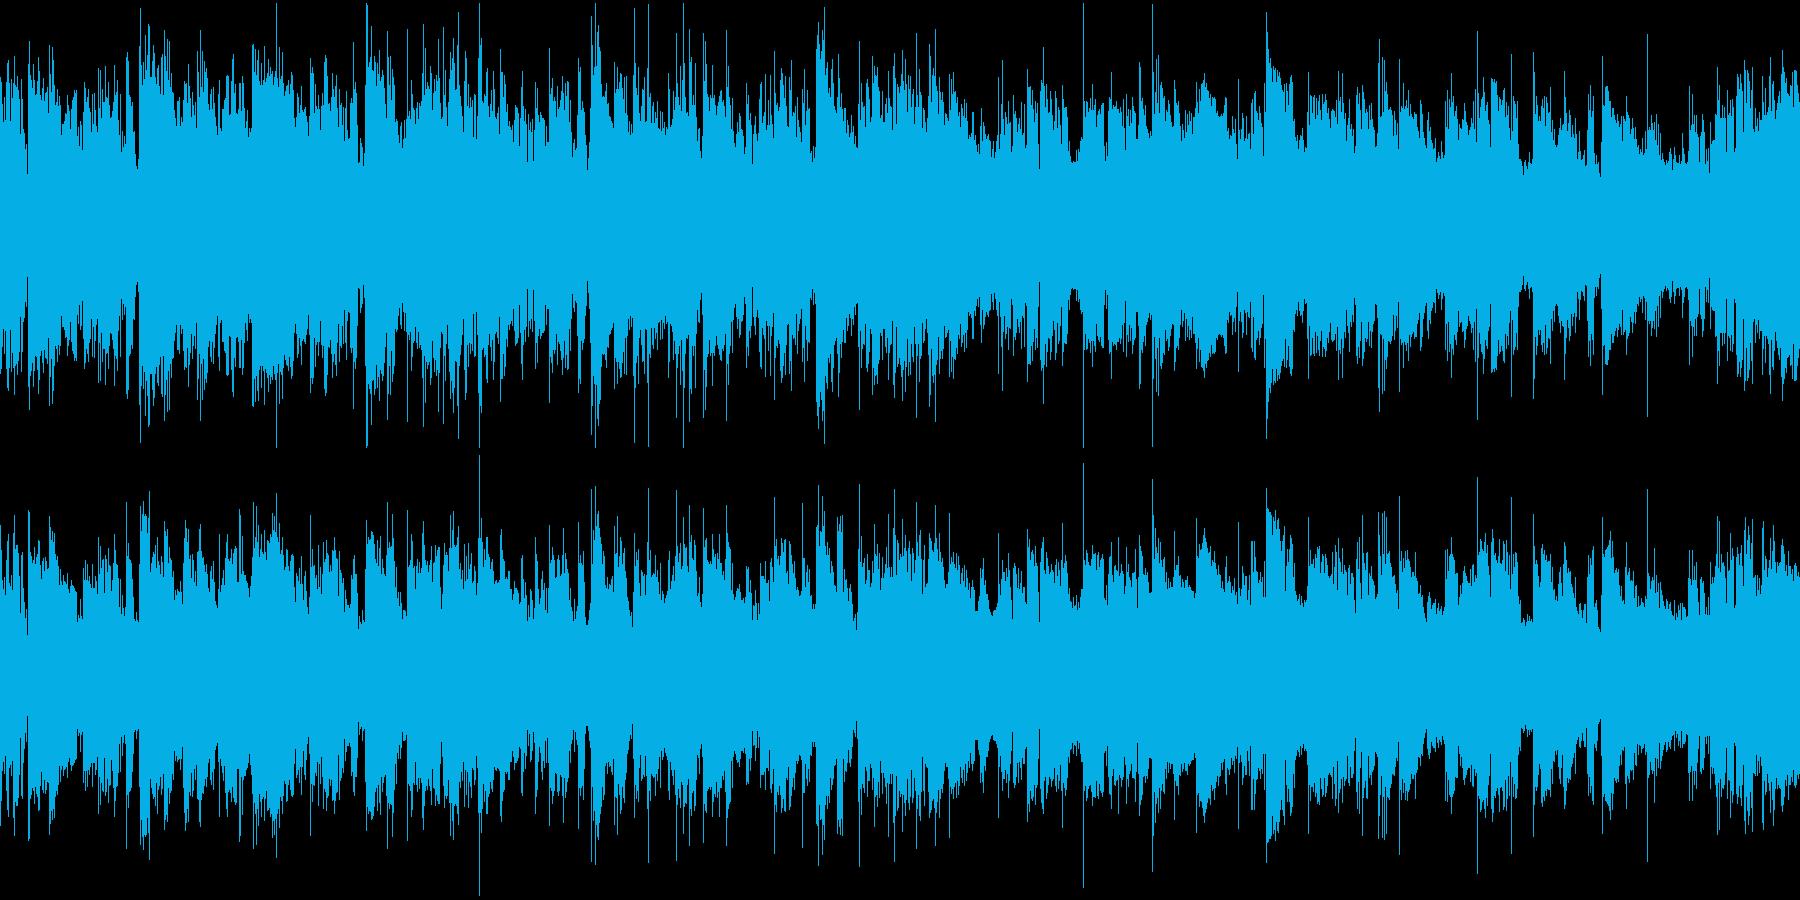 アコギが中心の穏やかな曲_ループ仕様1の再生済みの波形